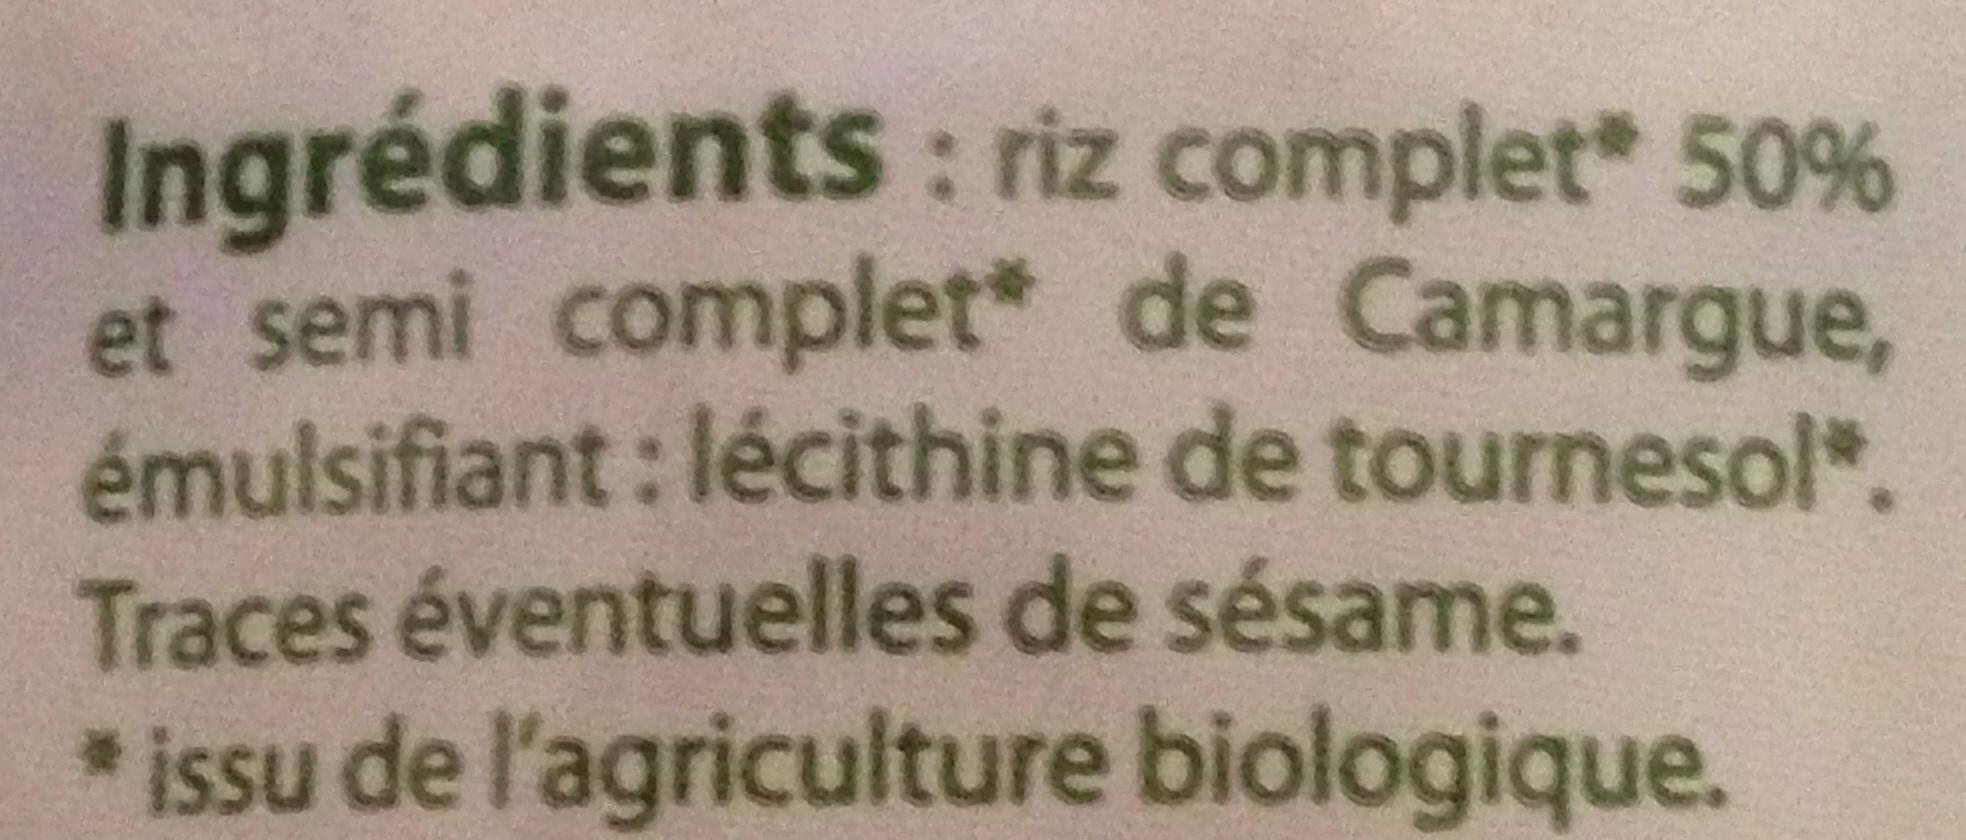 Galettes de riz de Camargue sans sel - Ingrédients - fr